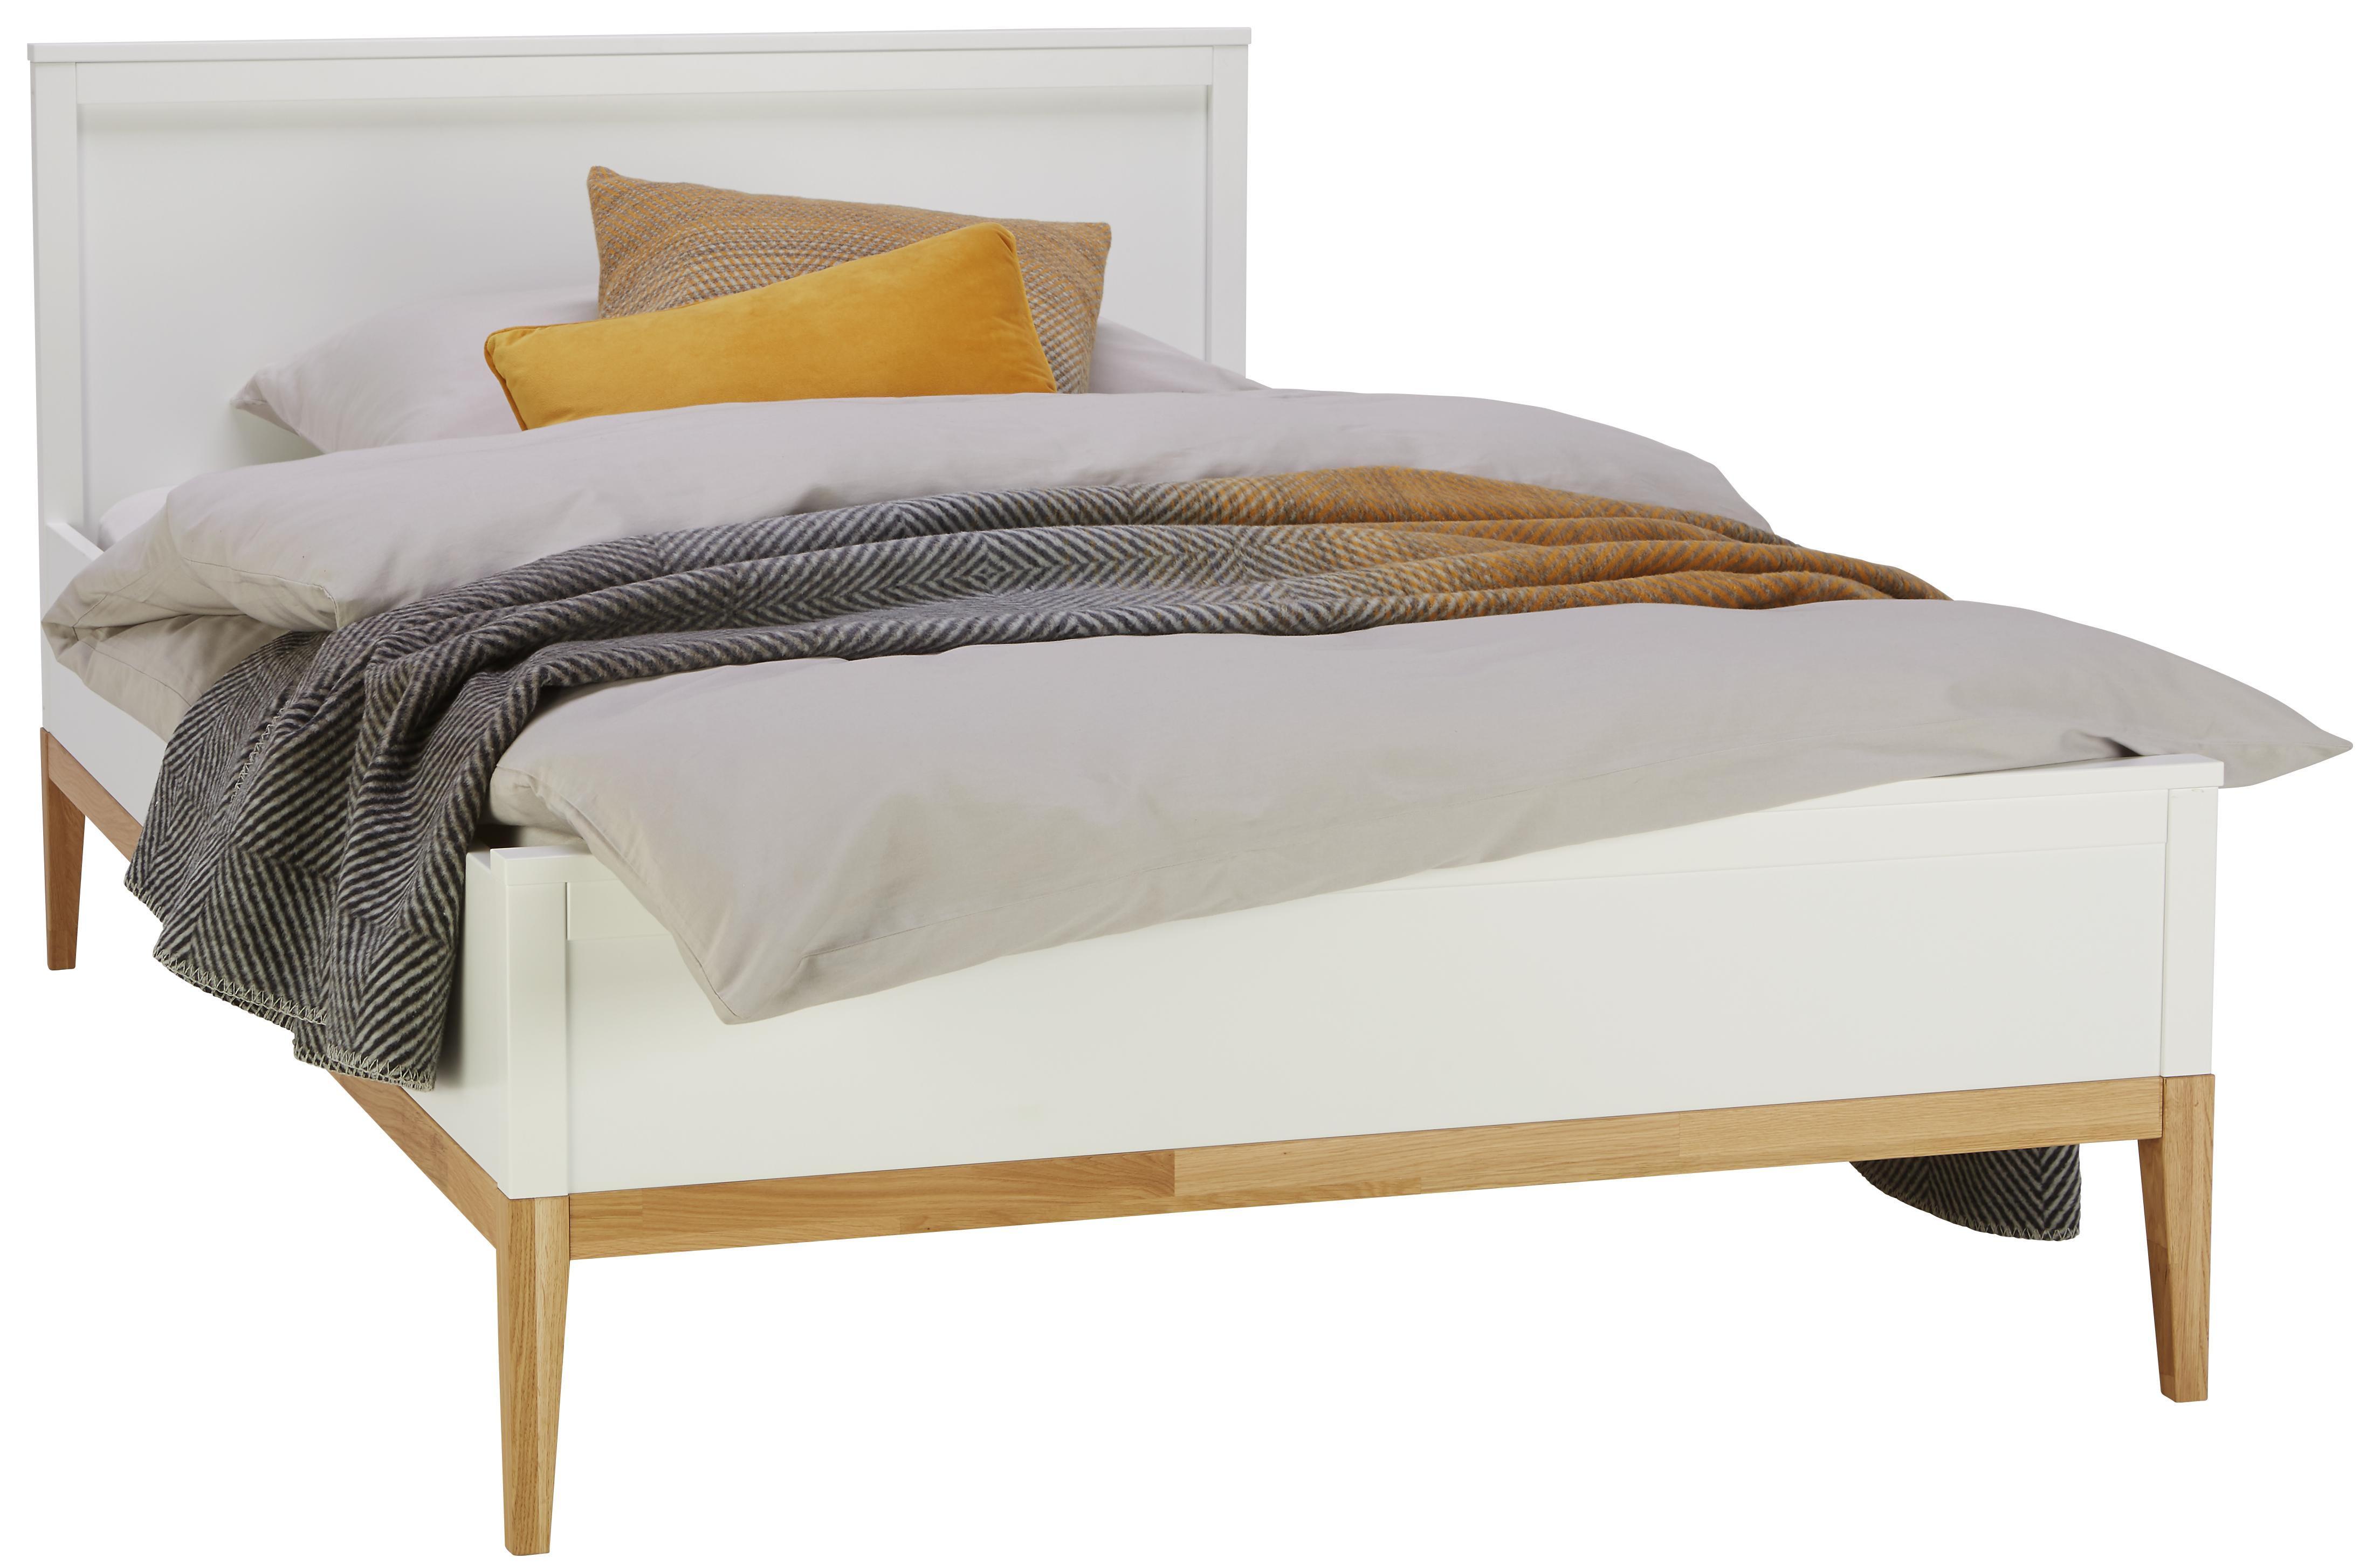 Bett In Weiss 120 X 200 Cm Bequem Liefern Lassen